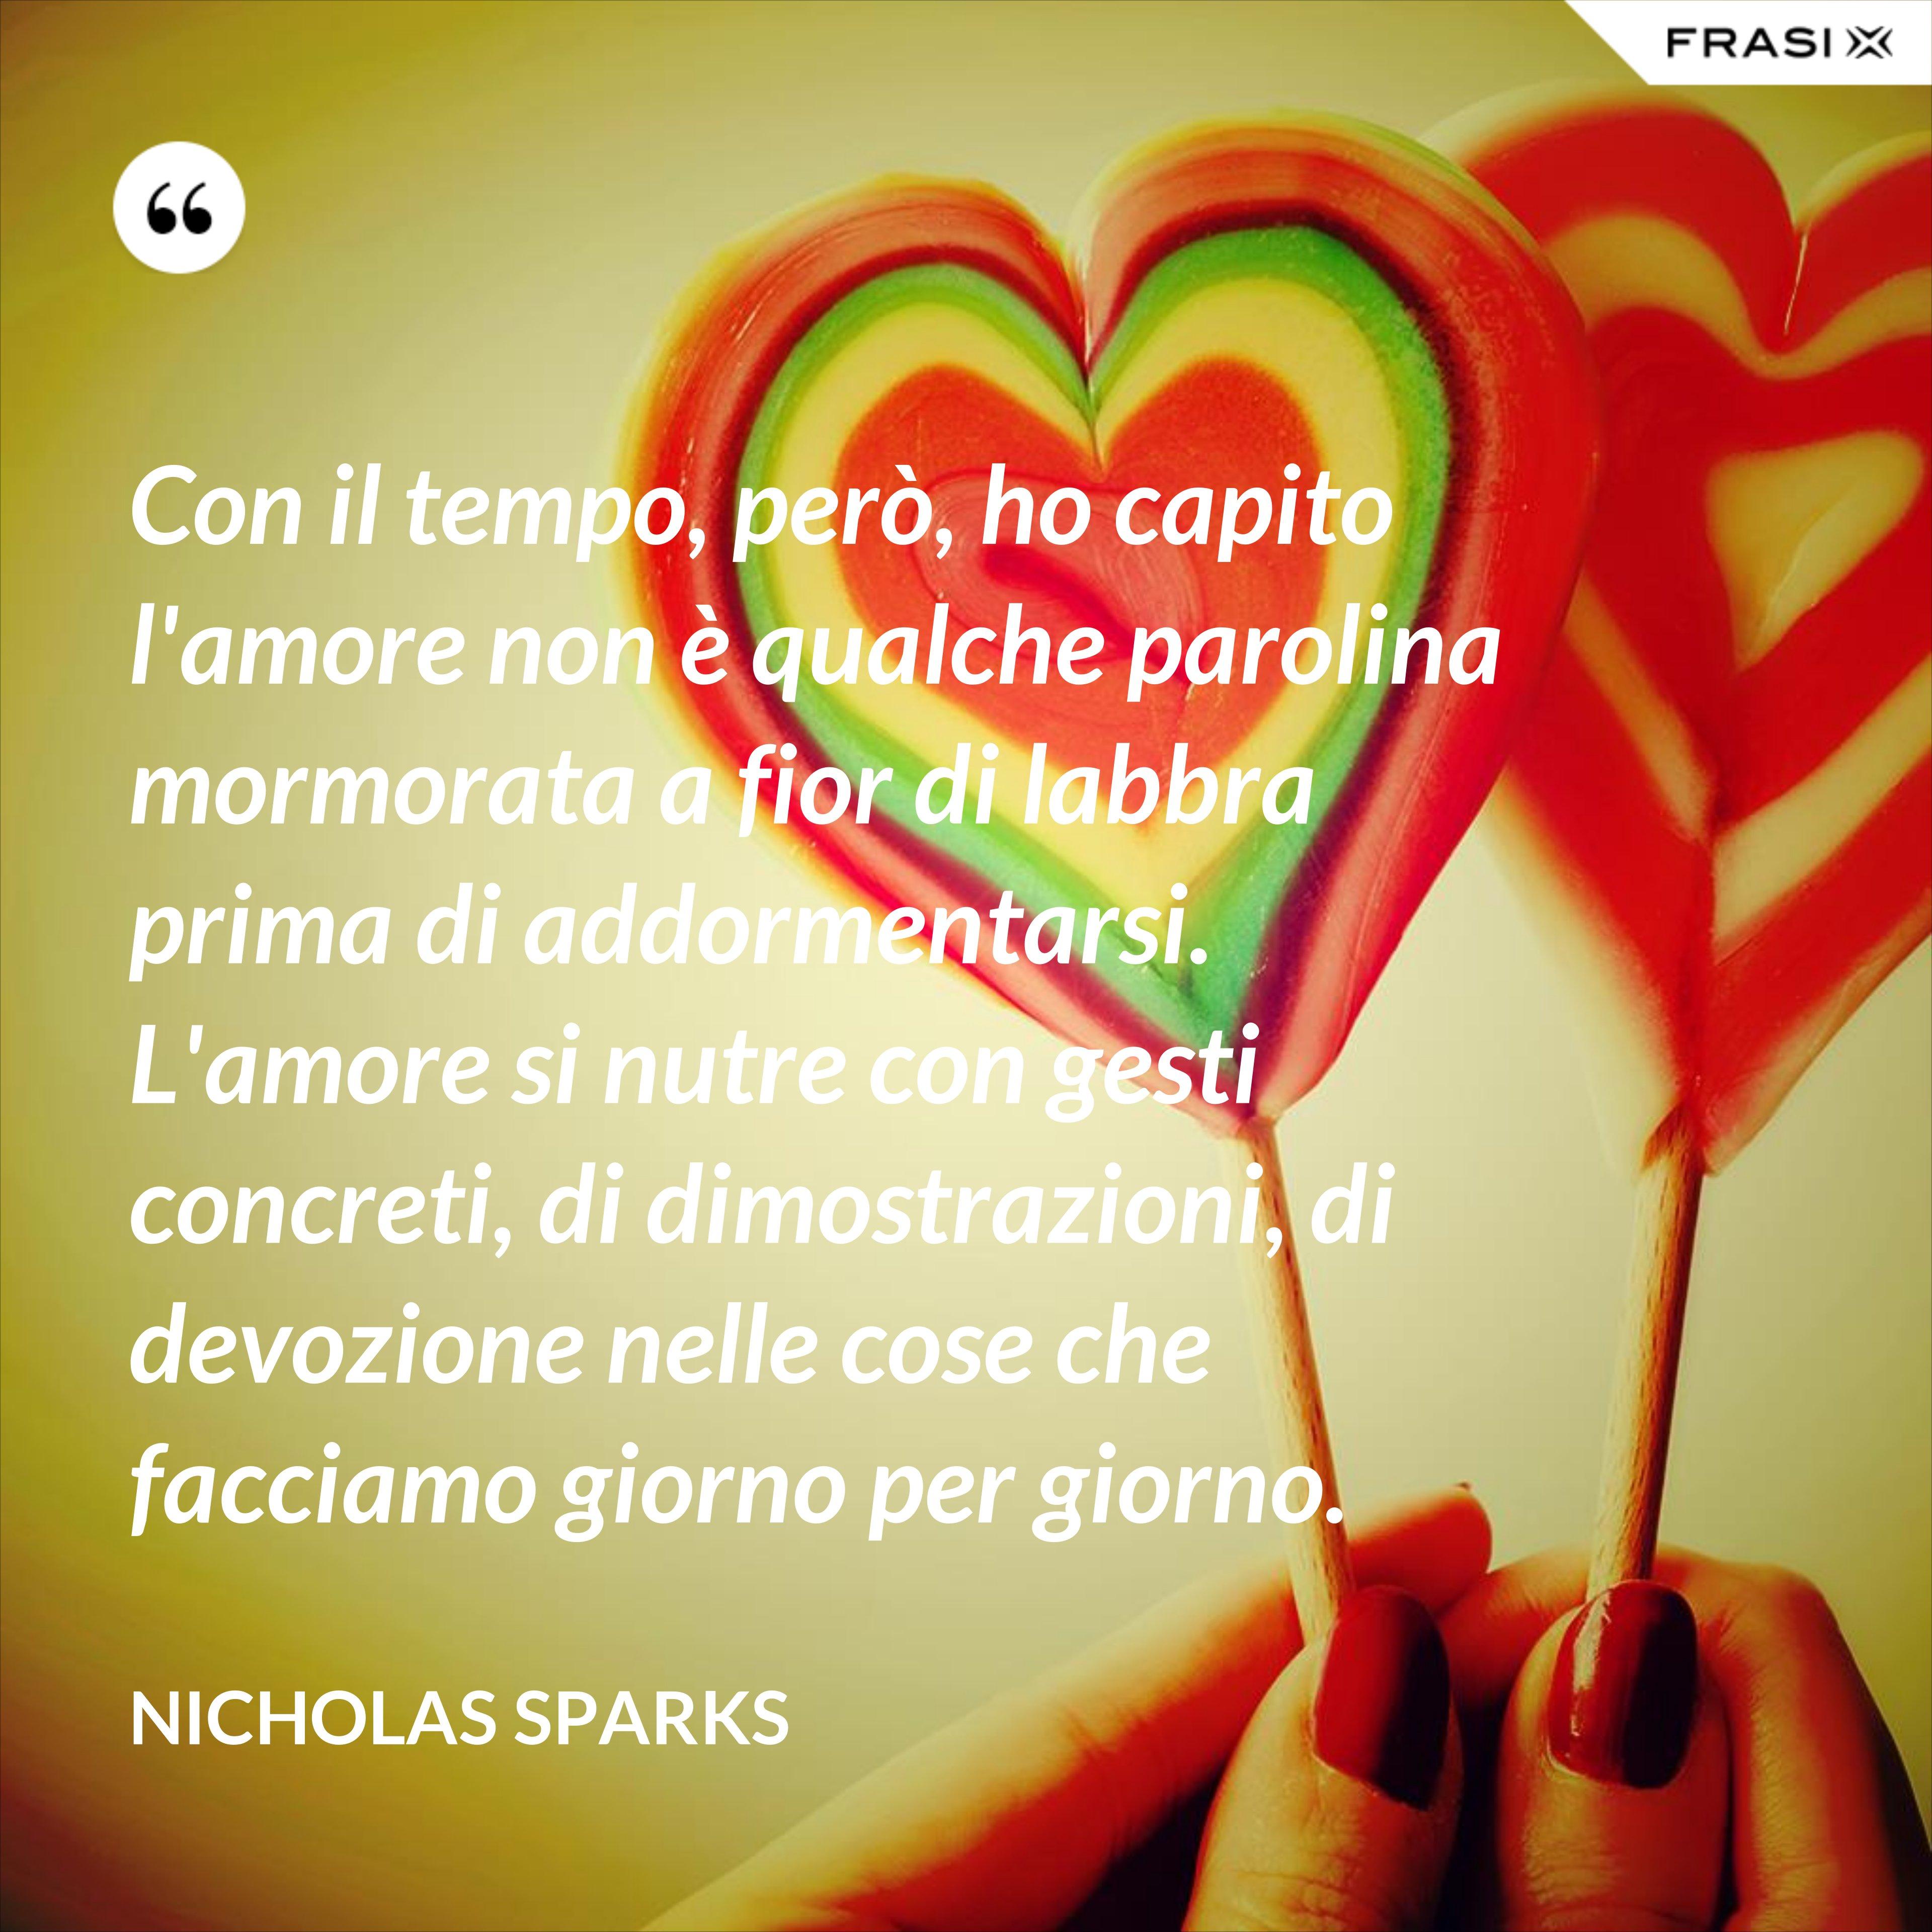 Con il tempo, però, ho capito l'amore non è qualche parolina mormorata a fior di labbra prima di addormentarsi. L'amore si nutre con gesti concreti, di dimostrazioni, di devozione nelle cose che facciamo giorno per giorno. - Nicholas Sparks